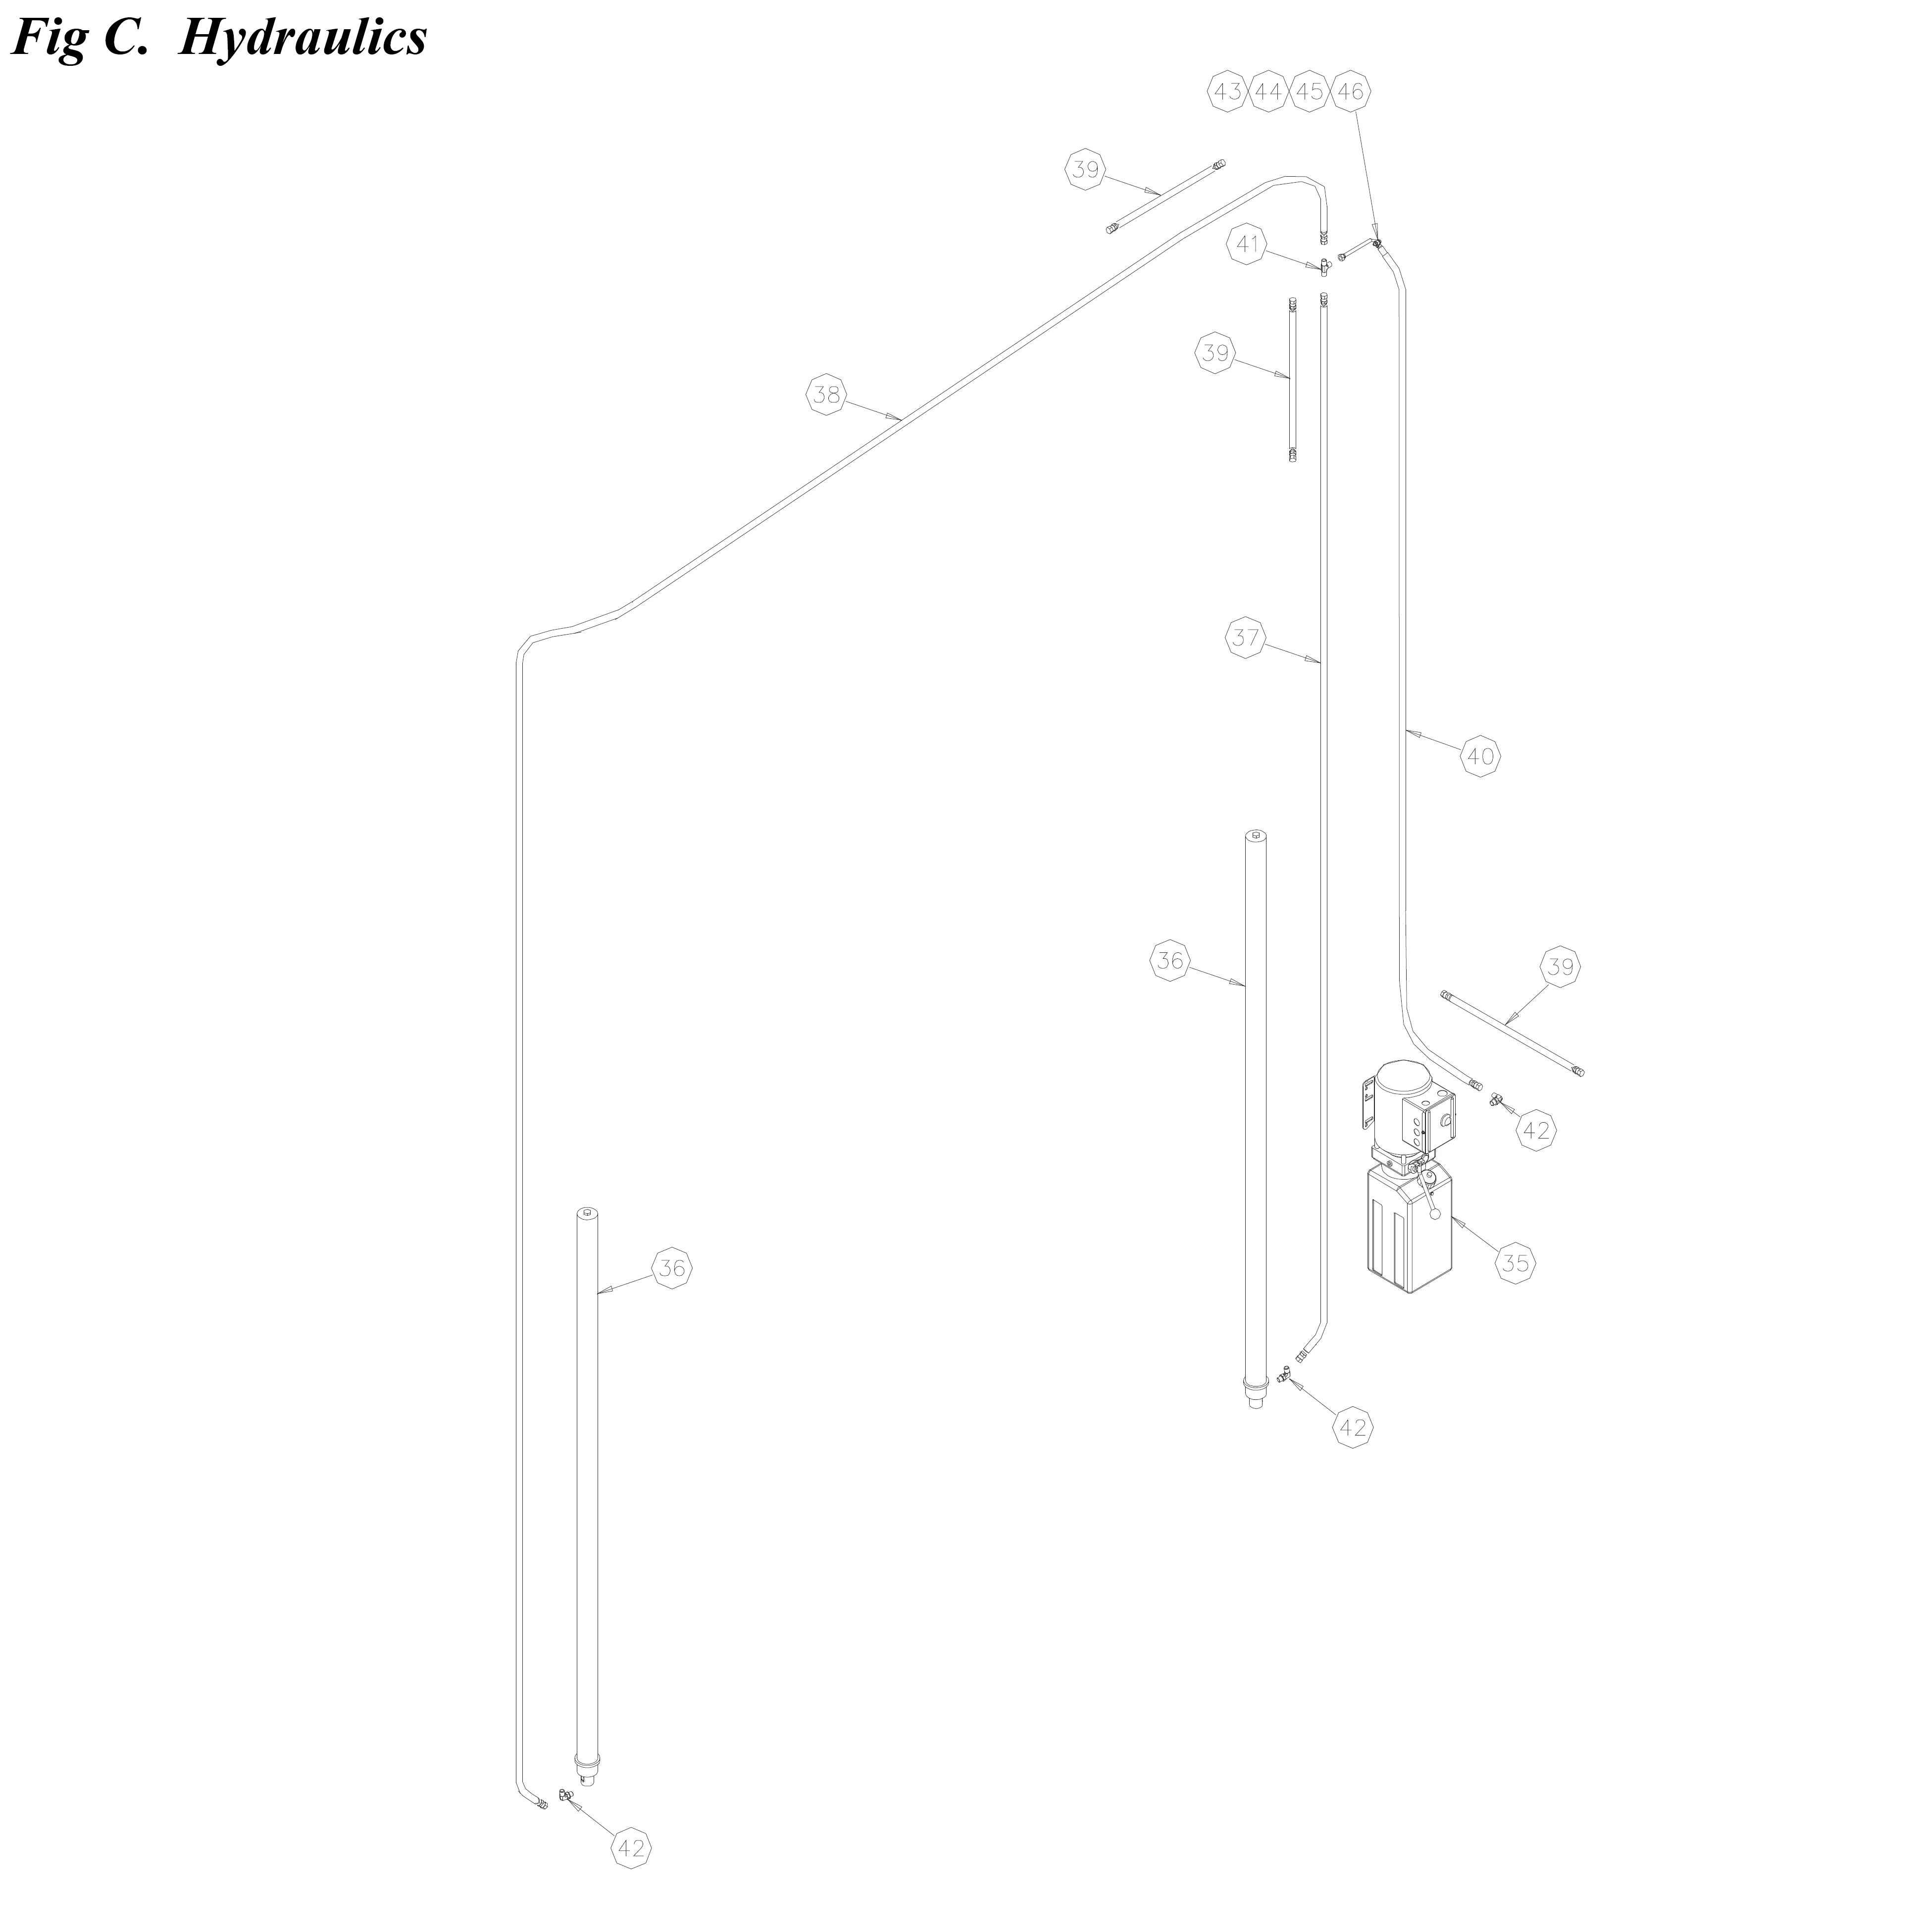 cl10-hydraulics-diagram-ii.png